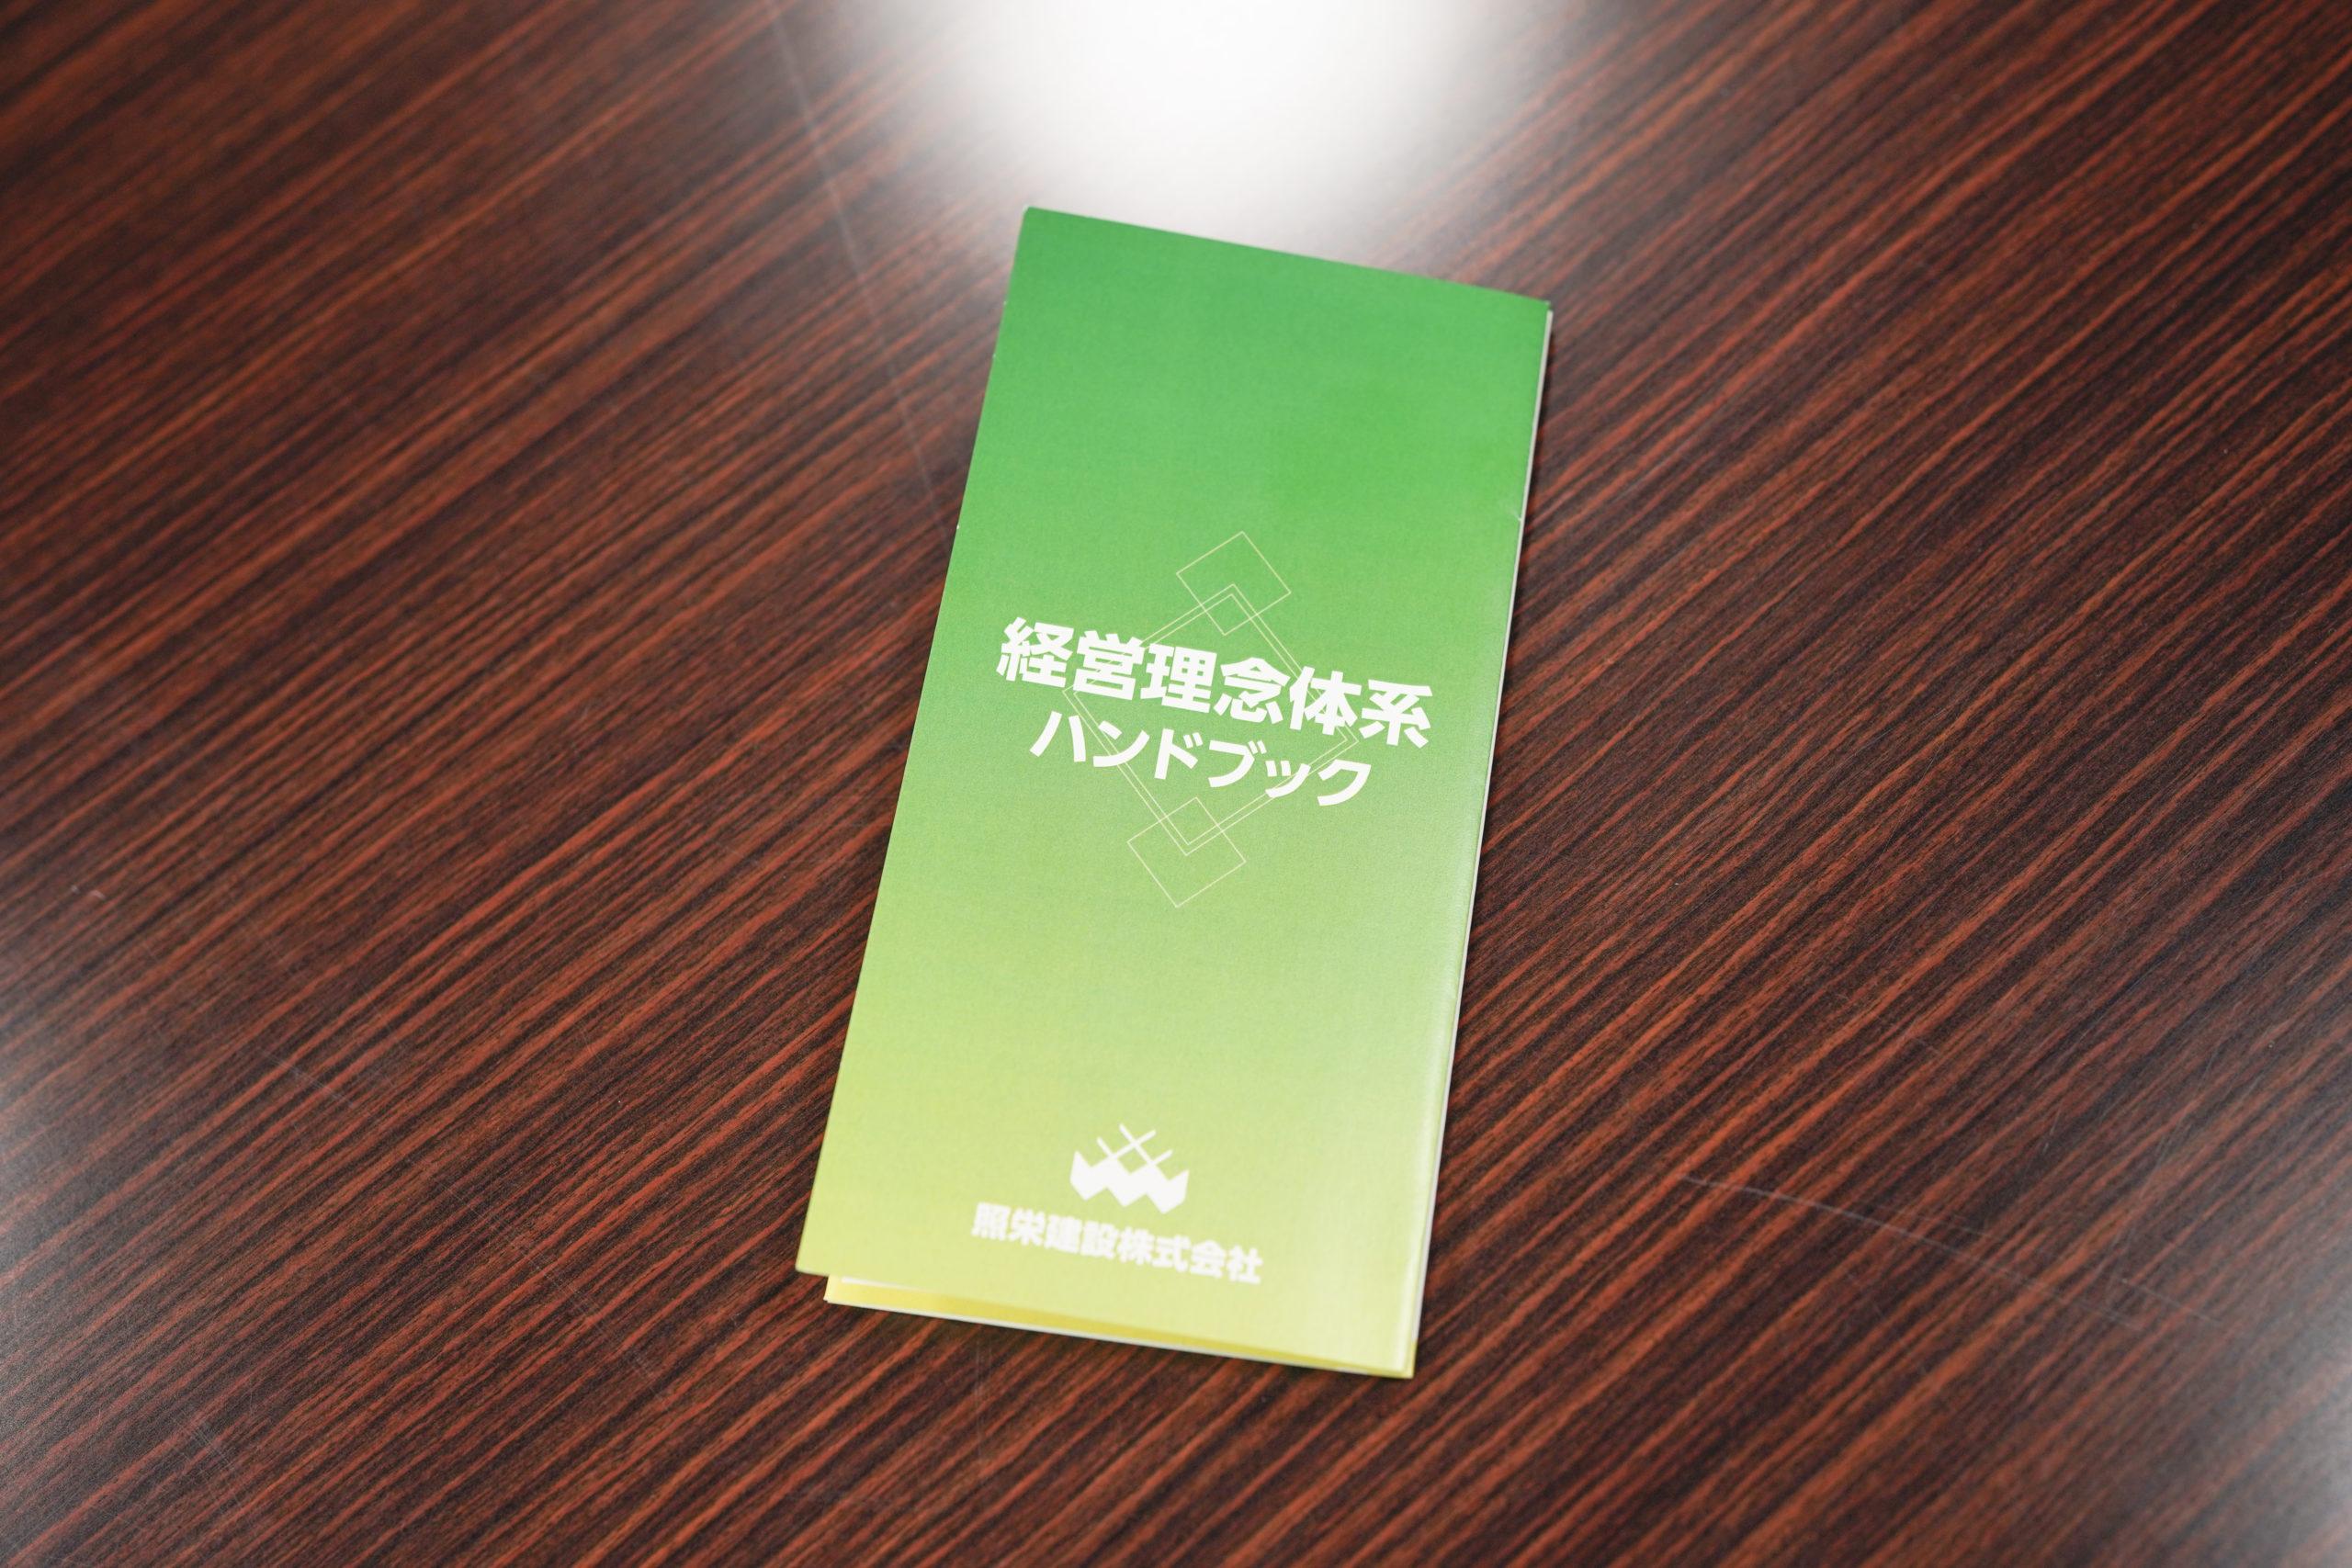 照栄建設株式会社さんの経営理念ハンドブック